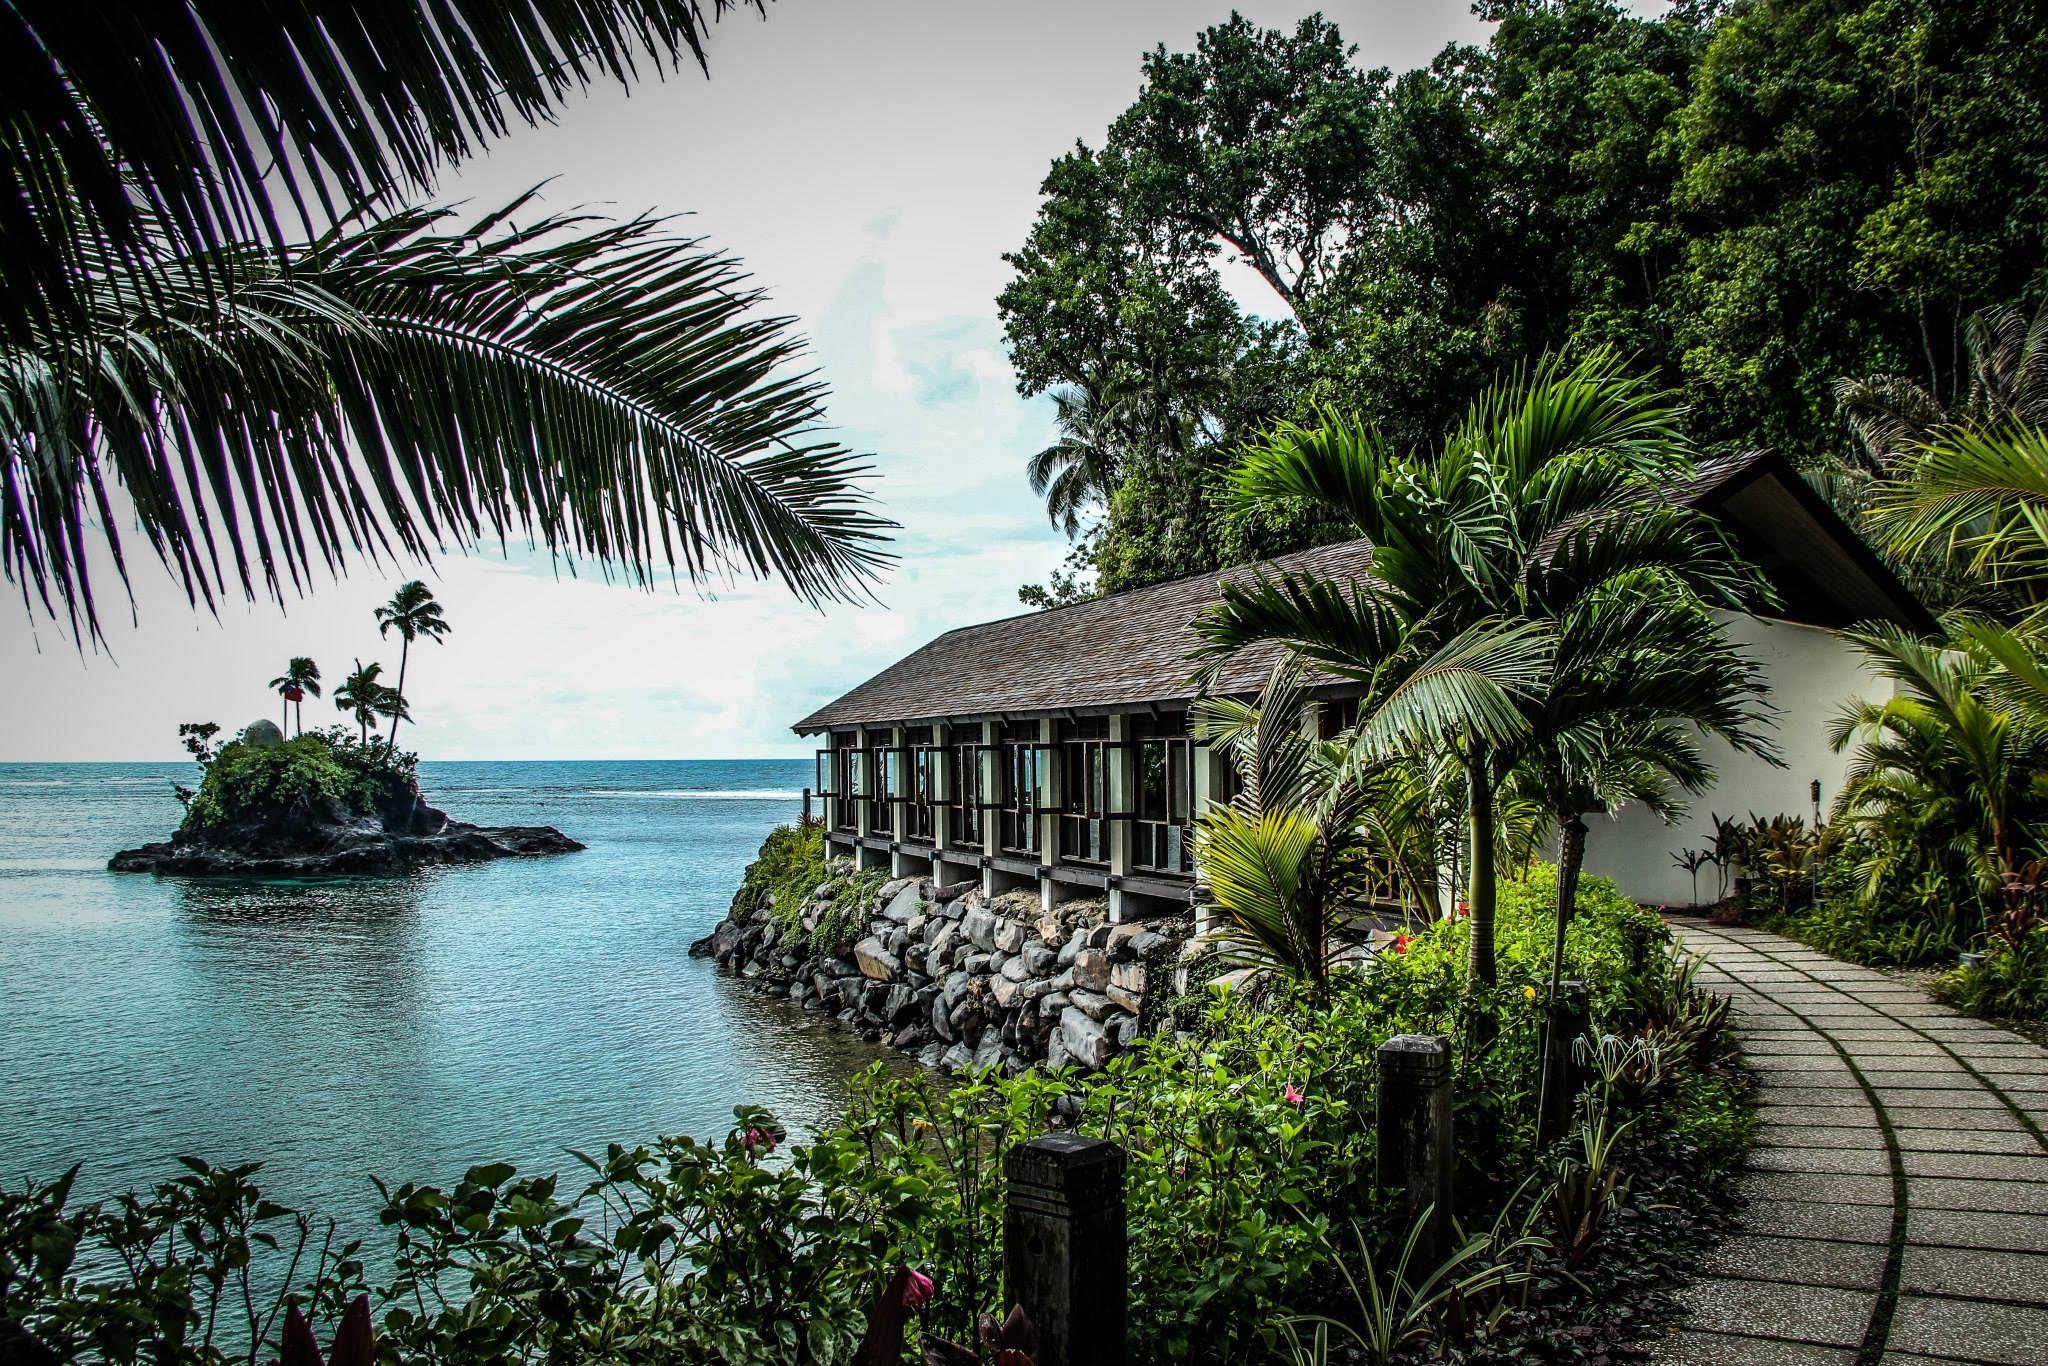 seabreeze resort aufagna south coast samoa 13.jpg